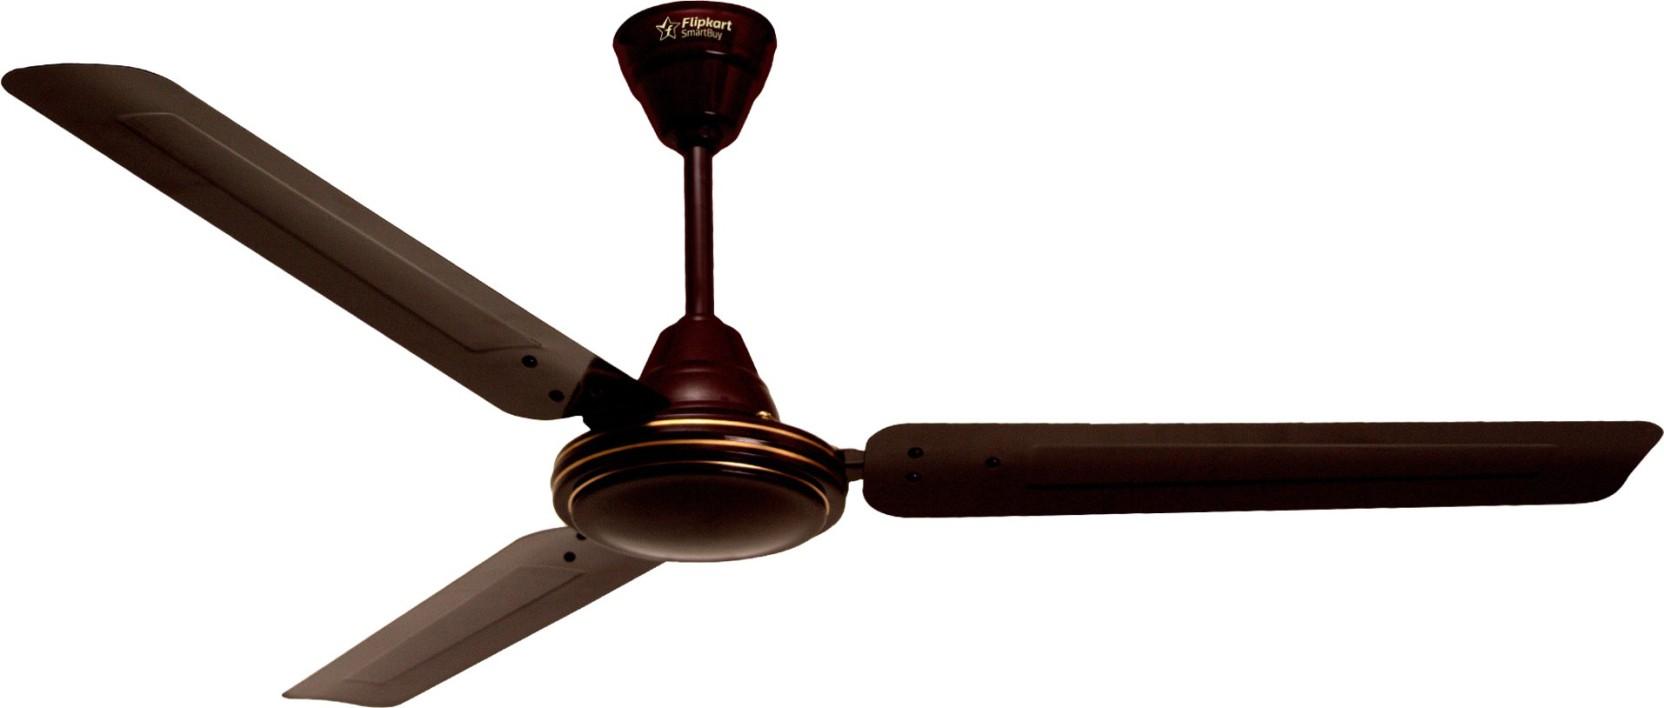 Flipkart smartbuy classic ceiling fan price in india buy flipkart flipkart smartbuy classic ceiling fan add to cart aloadofball Gallery